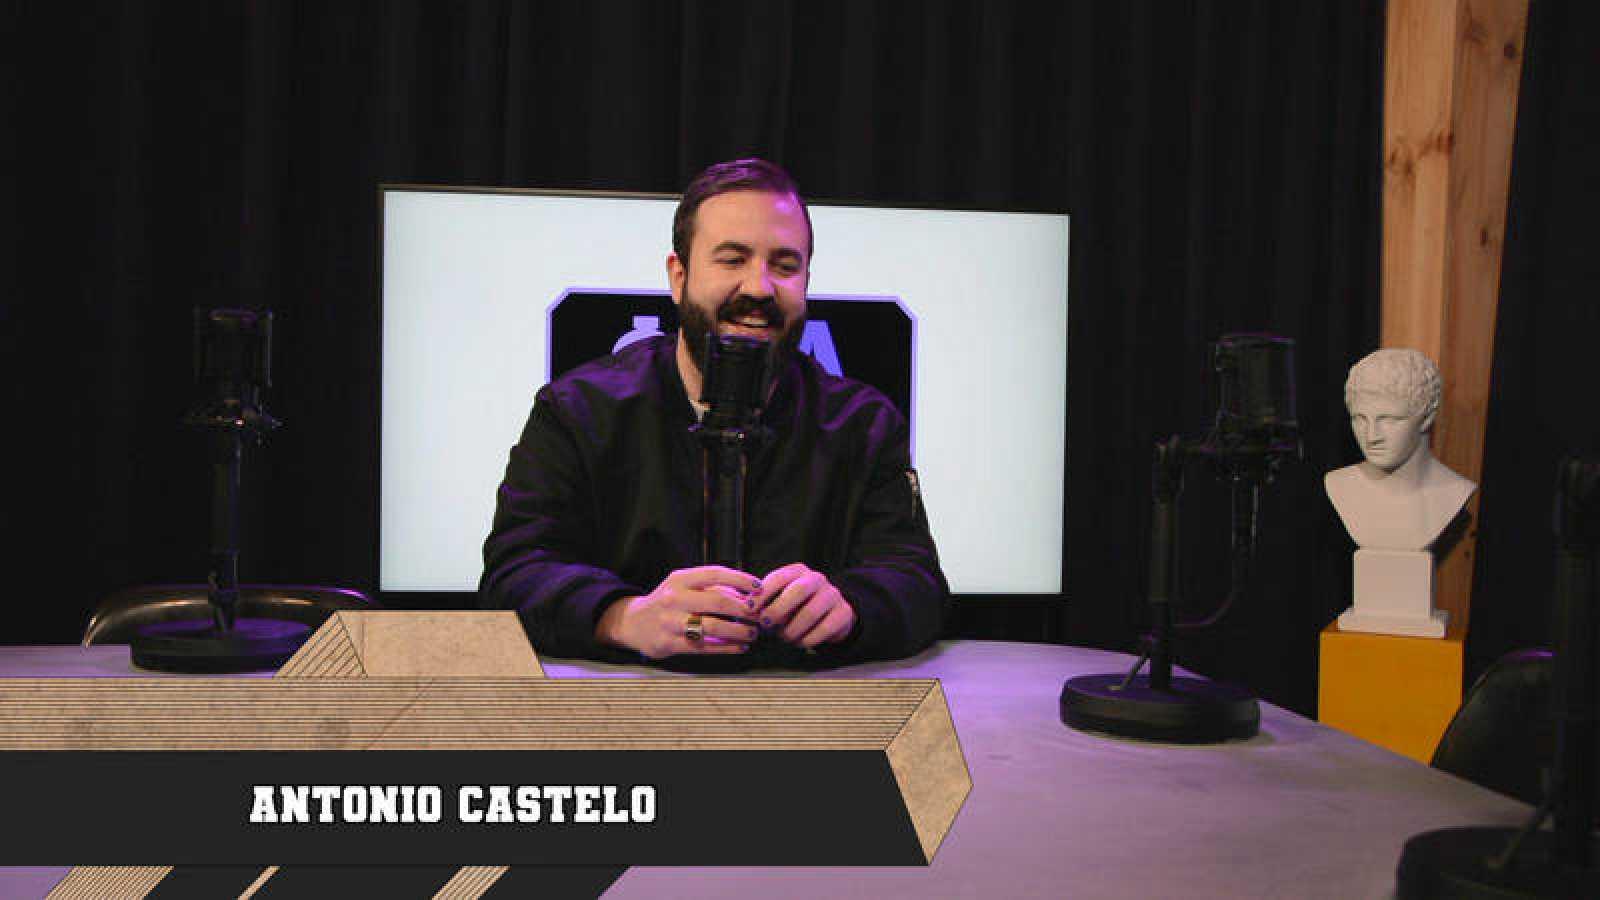 Antonio Castelo, esta semana 'Rimo Urbano'